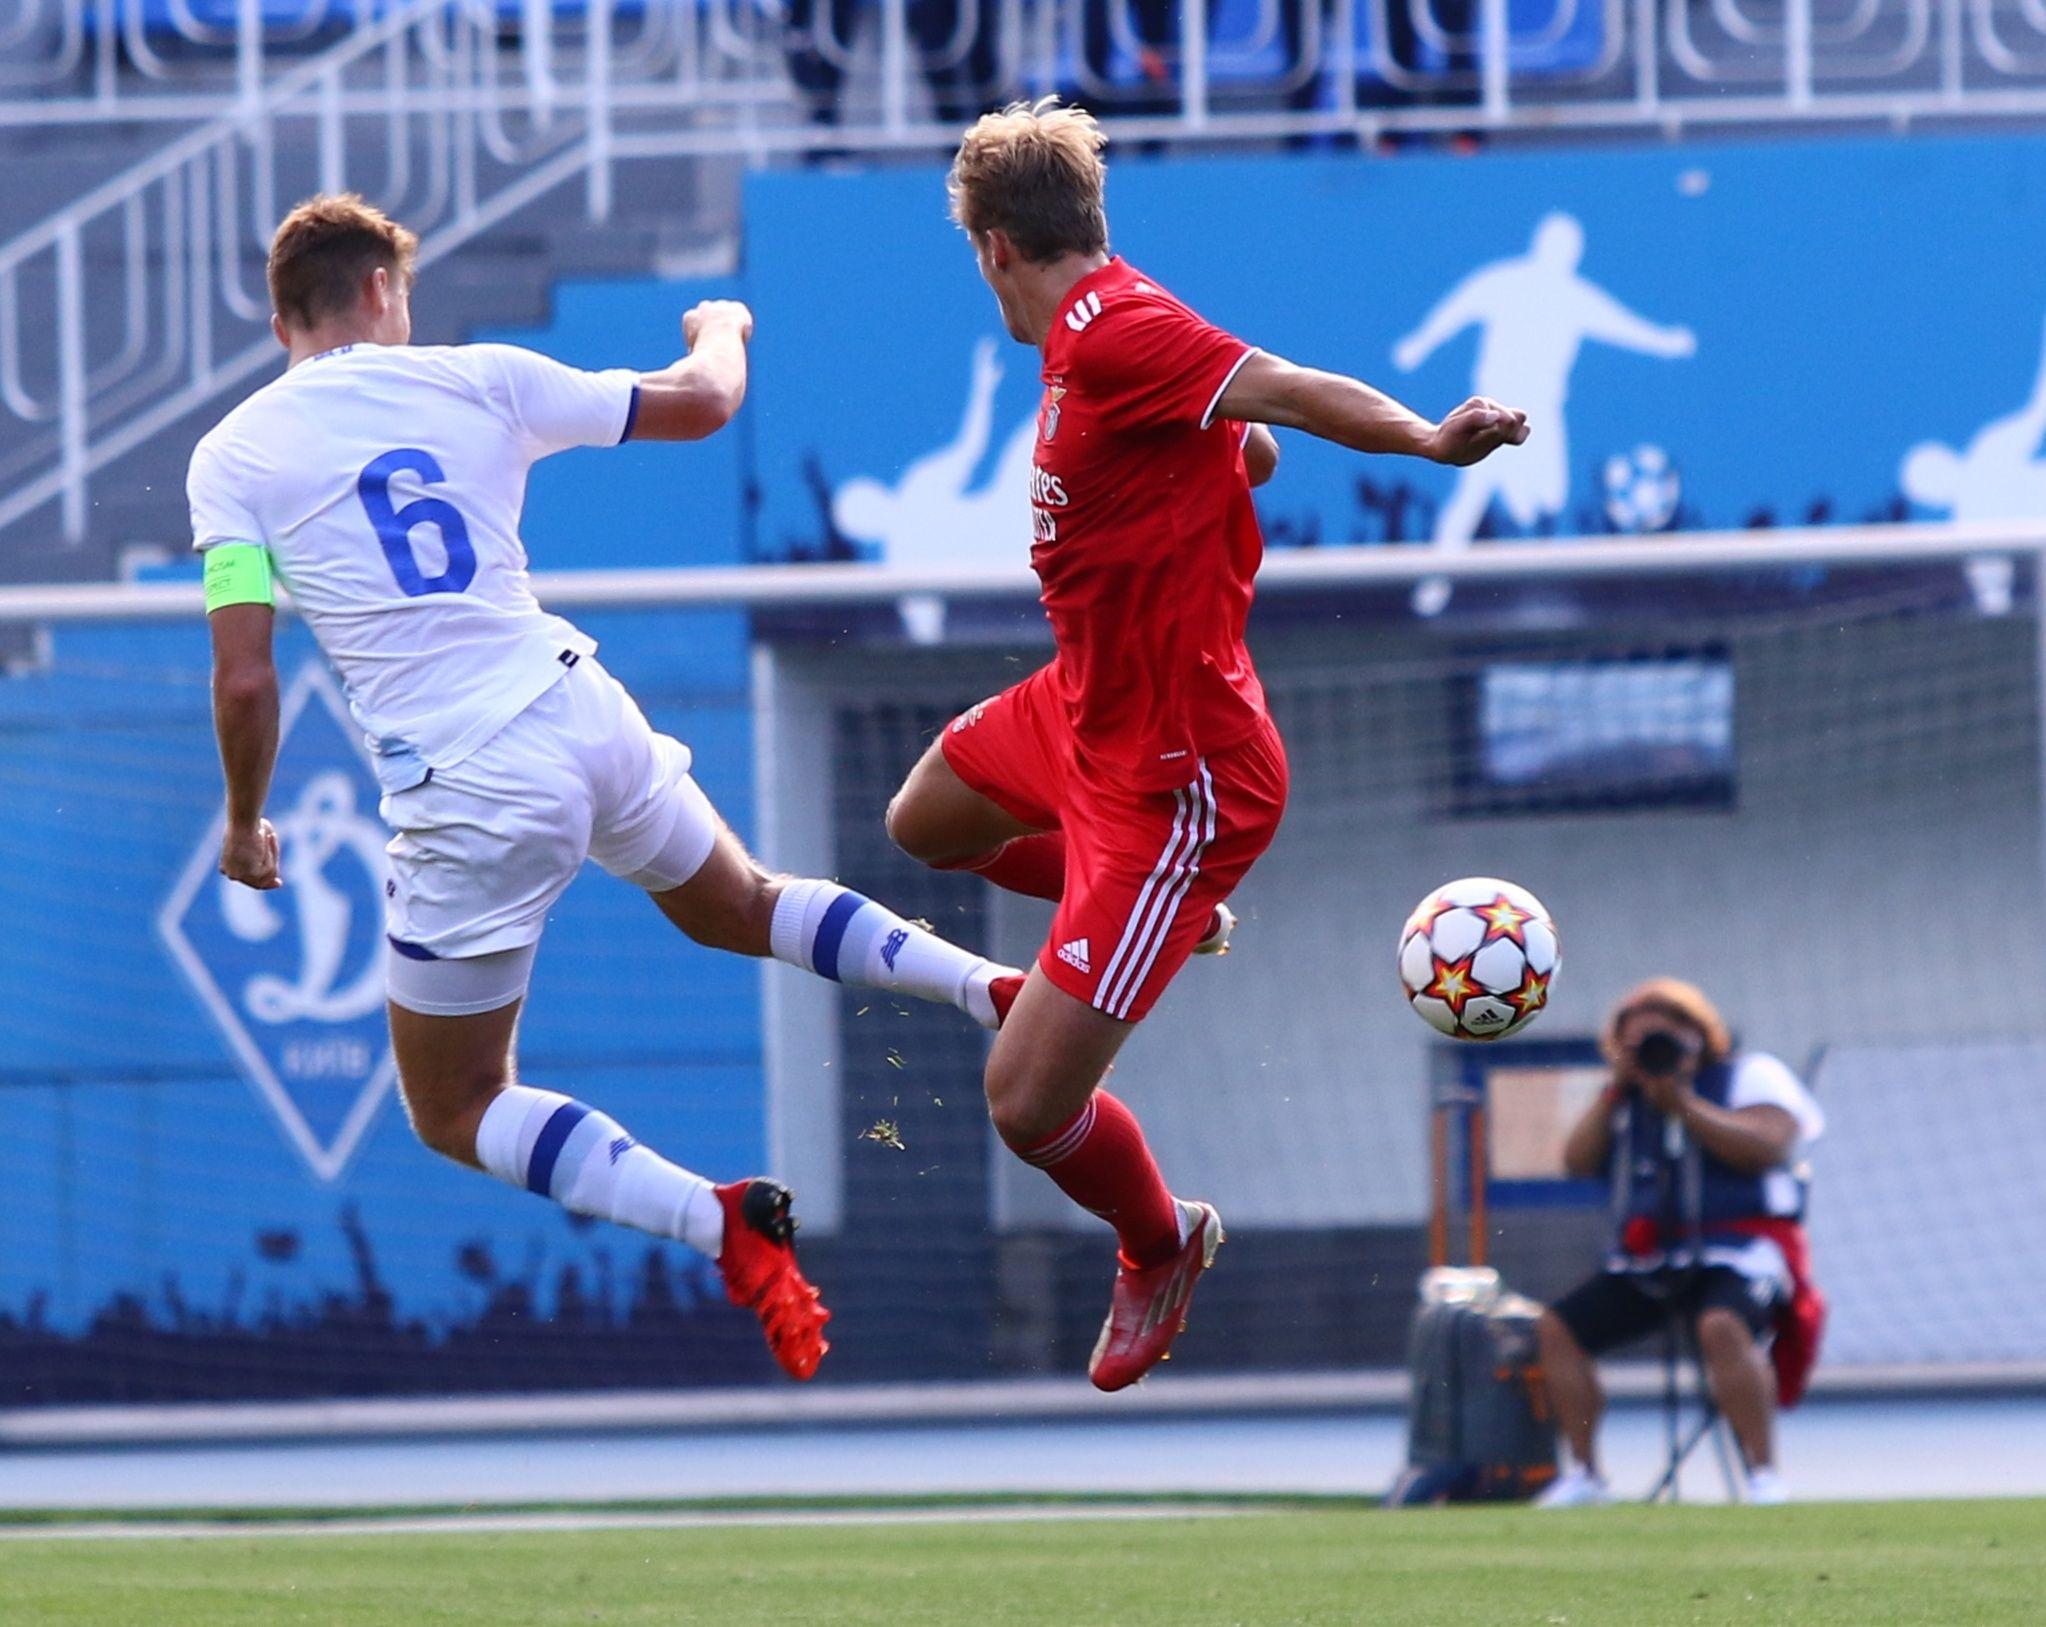 Отличный старт! ФОТО репортаж с матча Юношеской лиги УЕФА Динамо - Бенфика 4:0 - фото 13